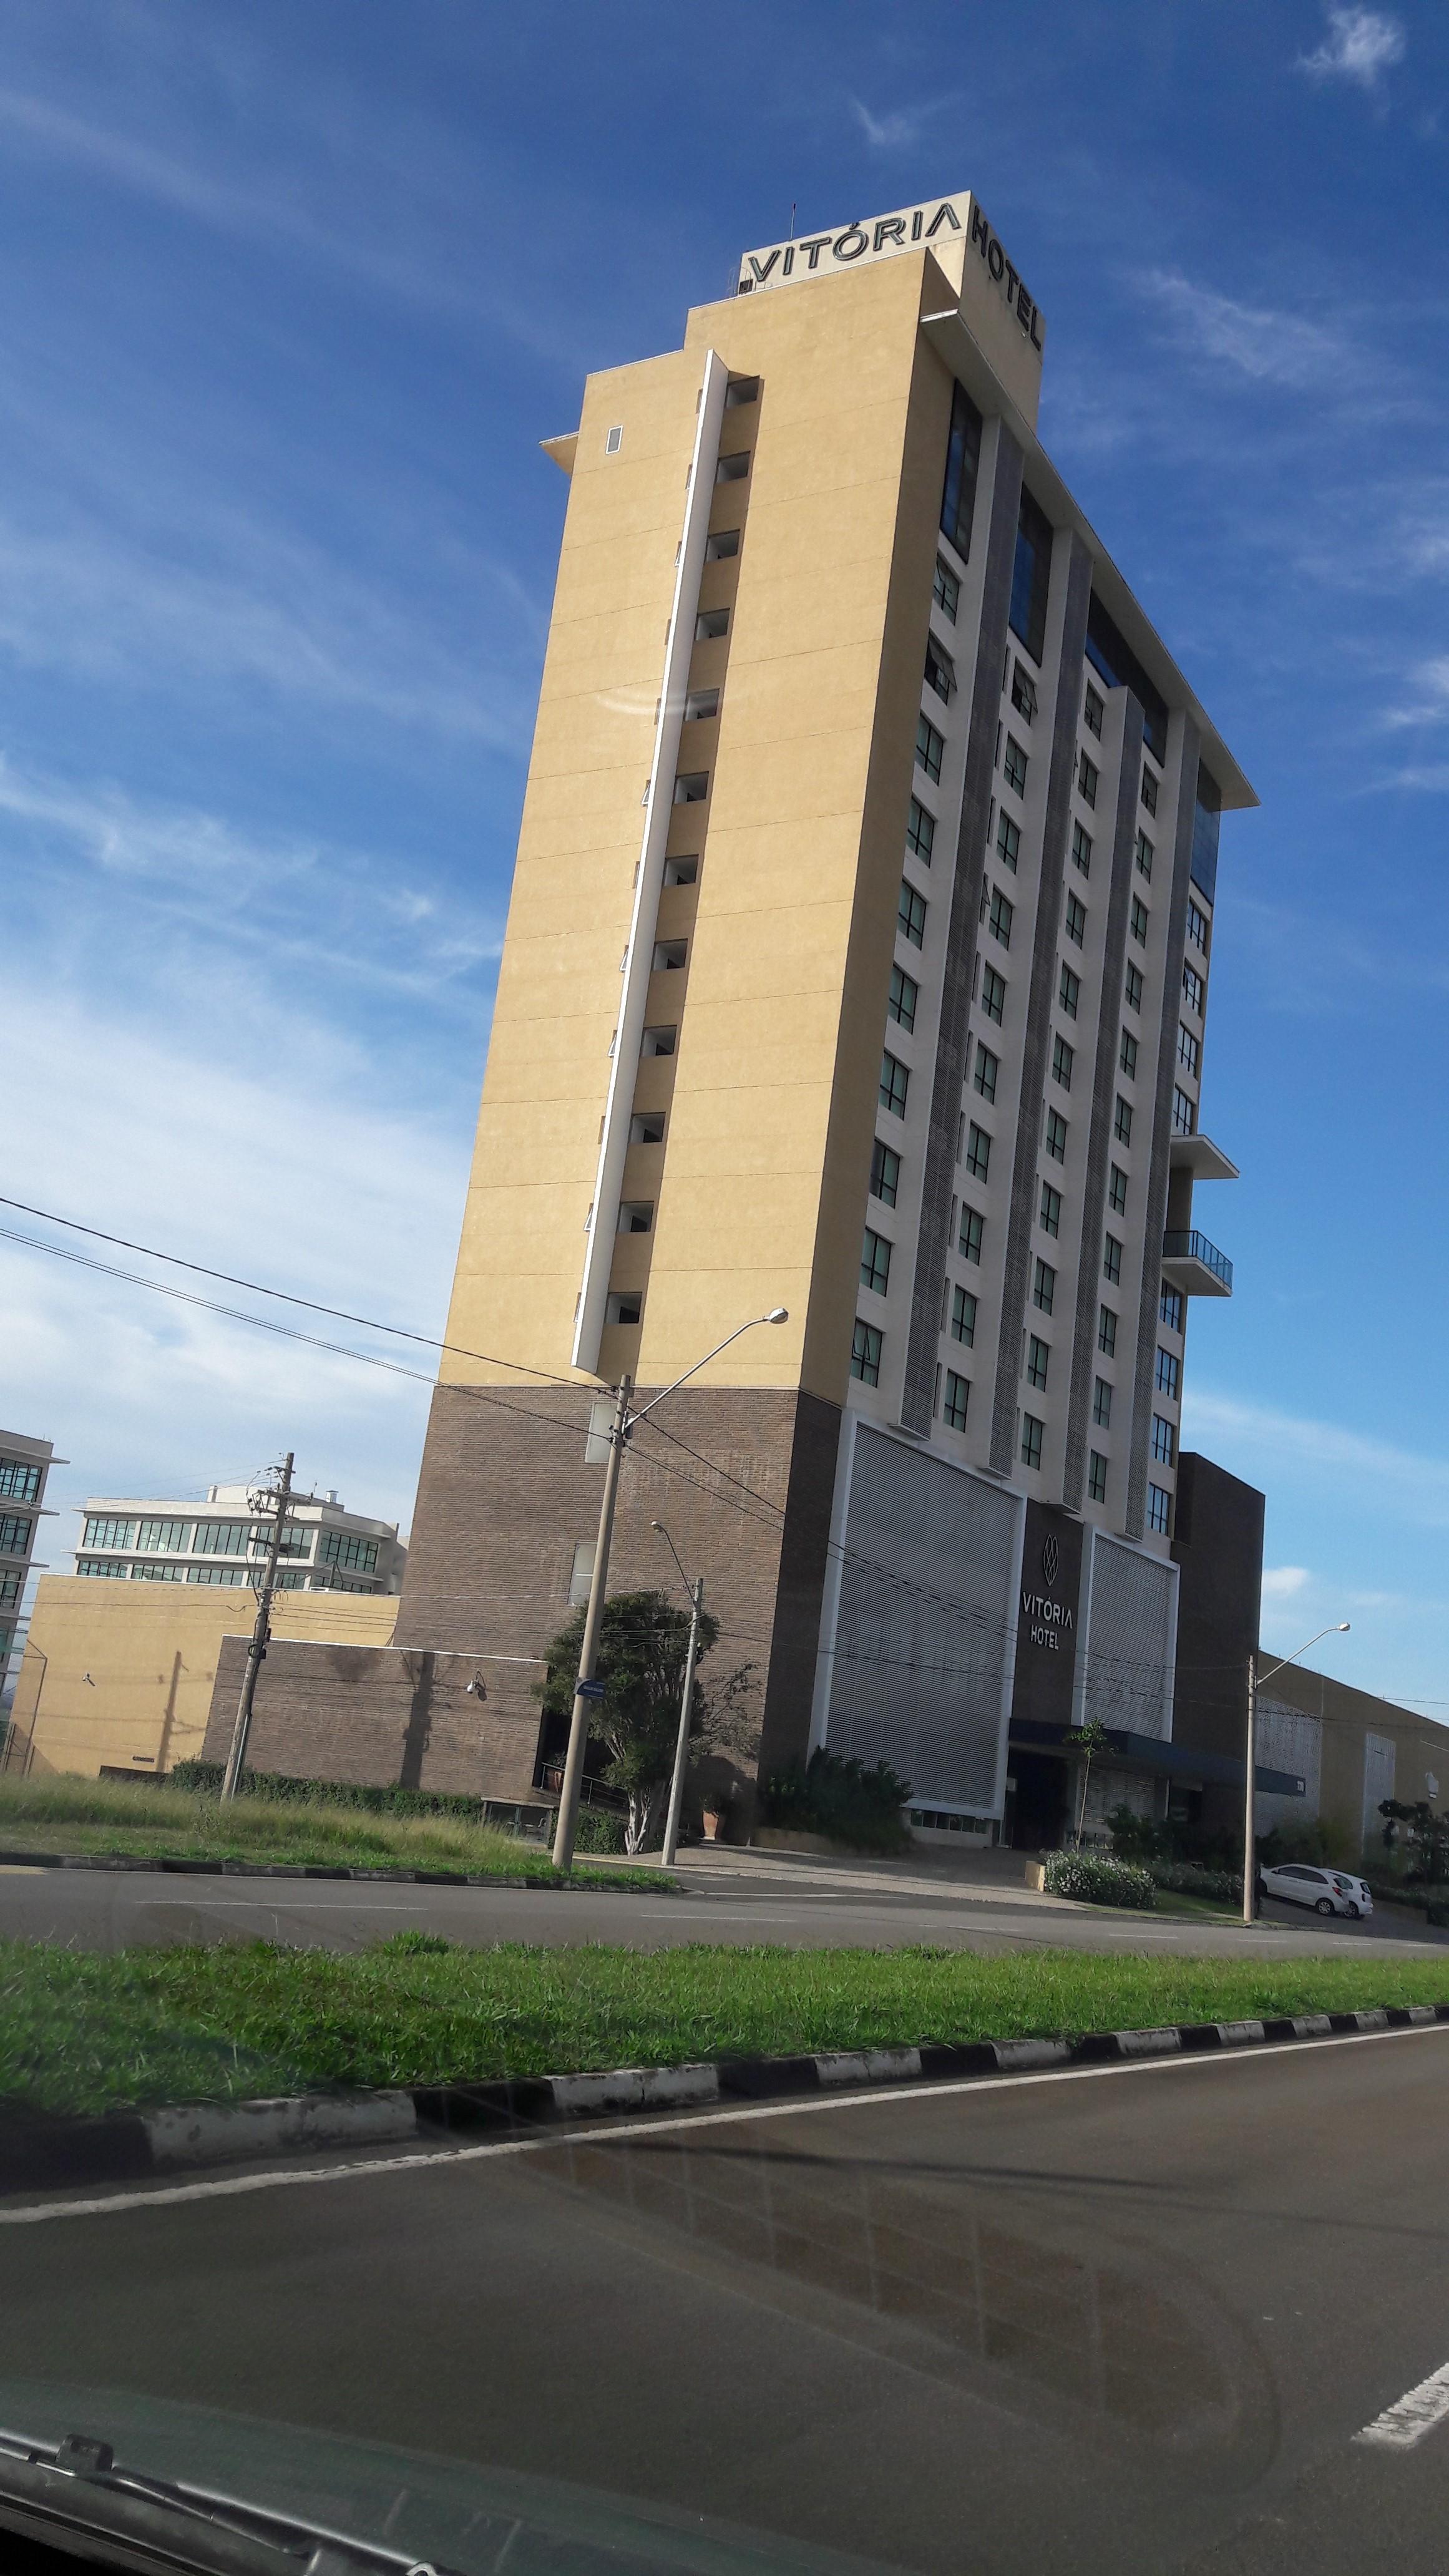 paulinia-hotel-vitoria-may17-1